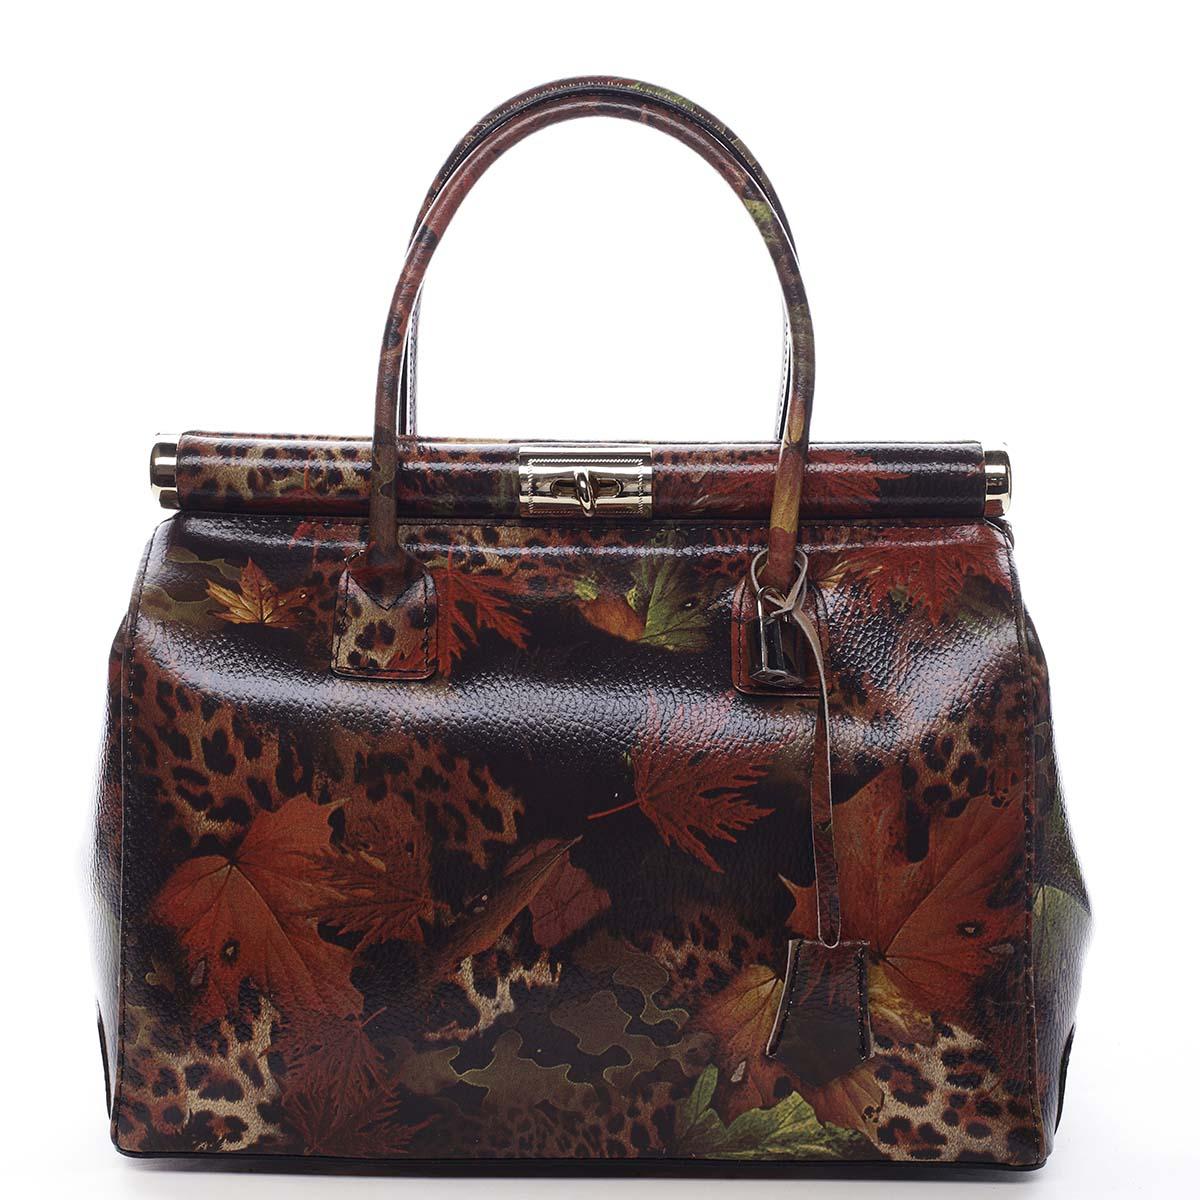 Módna originálny dámska kožená kabelka do ruky jesennej - ItalY Hila farebná